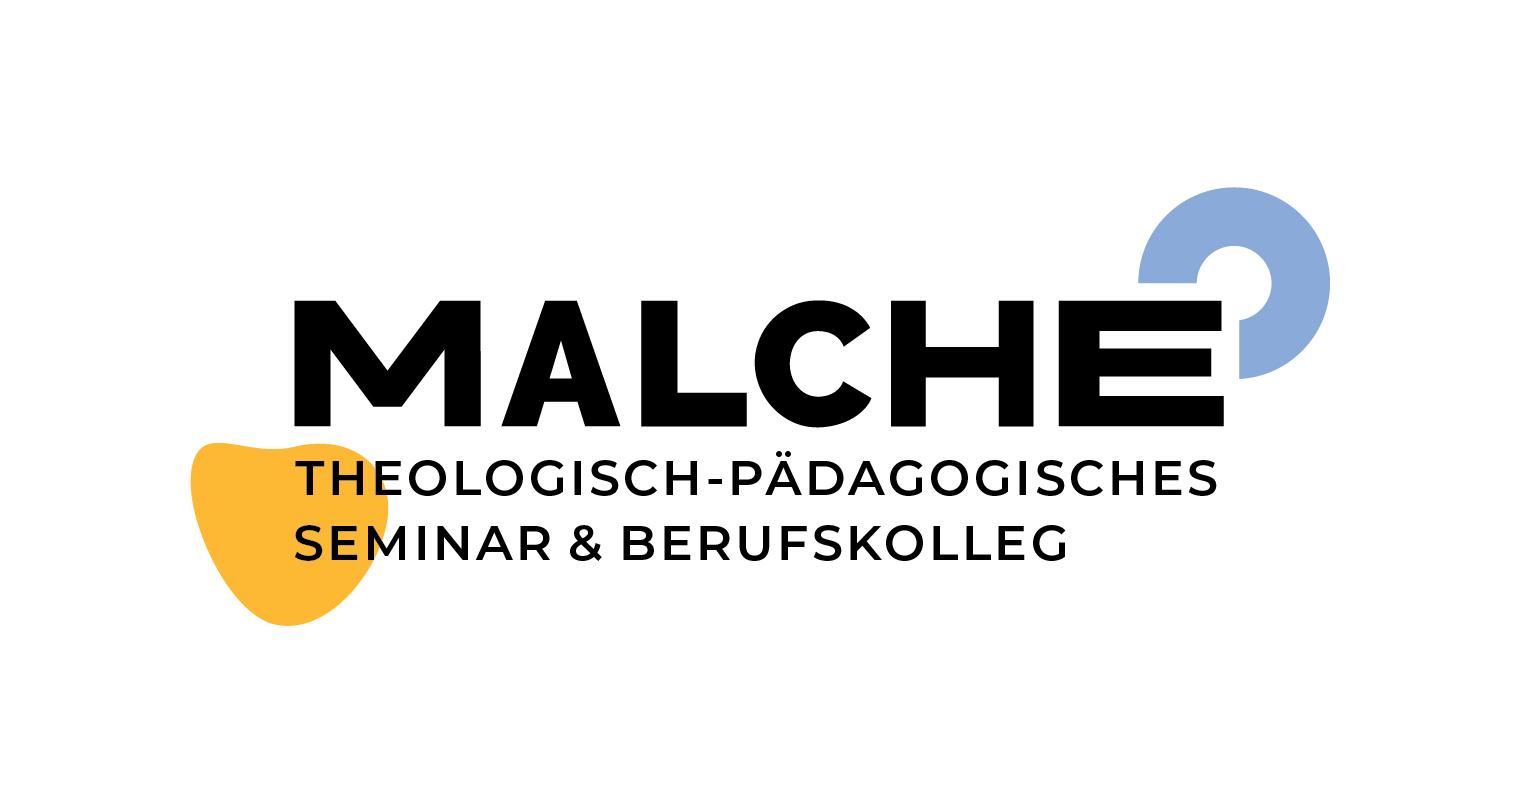 Theologisch-Pädagogisches Seminar und Berufskolleg Malche